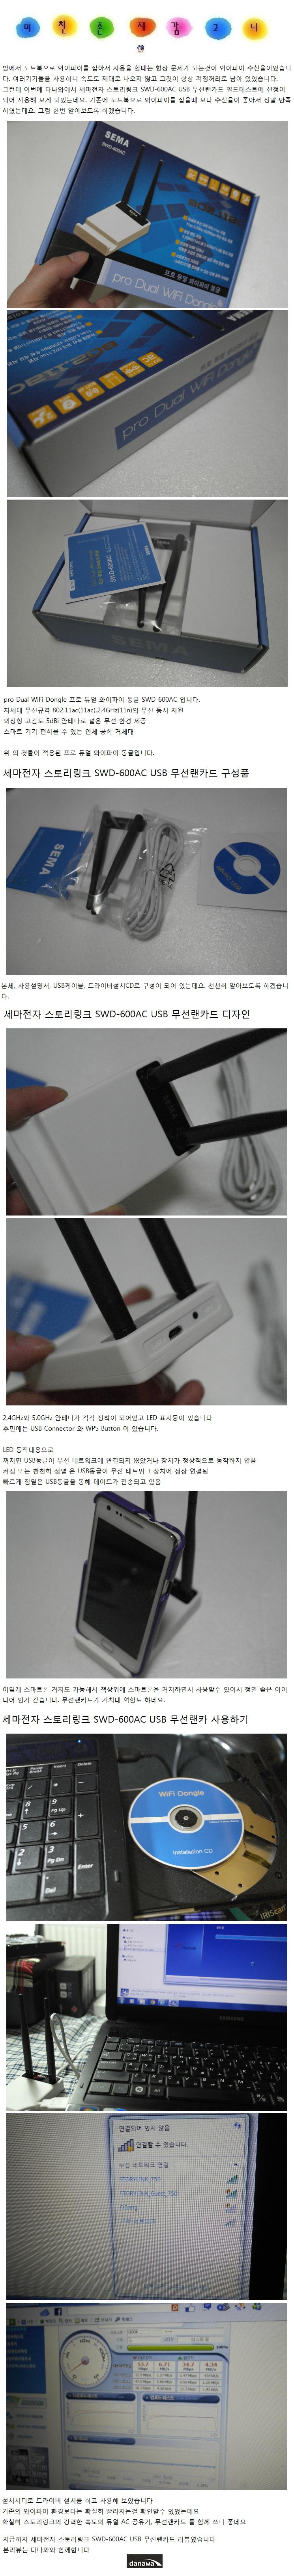 세마전자 스토리링크 SWD-600AC USB 무선랜카드.jpg